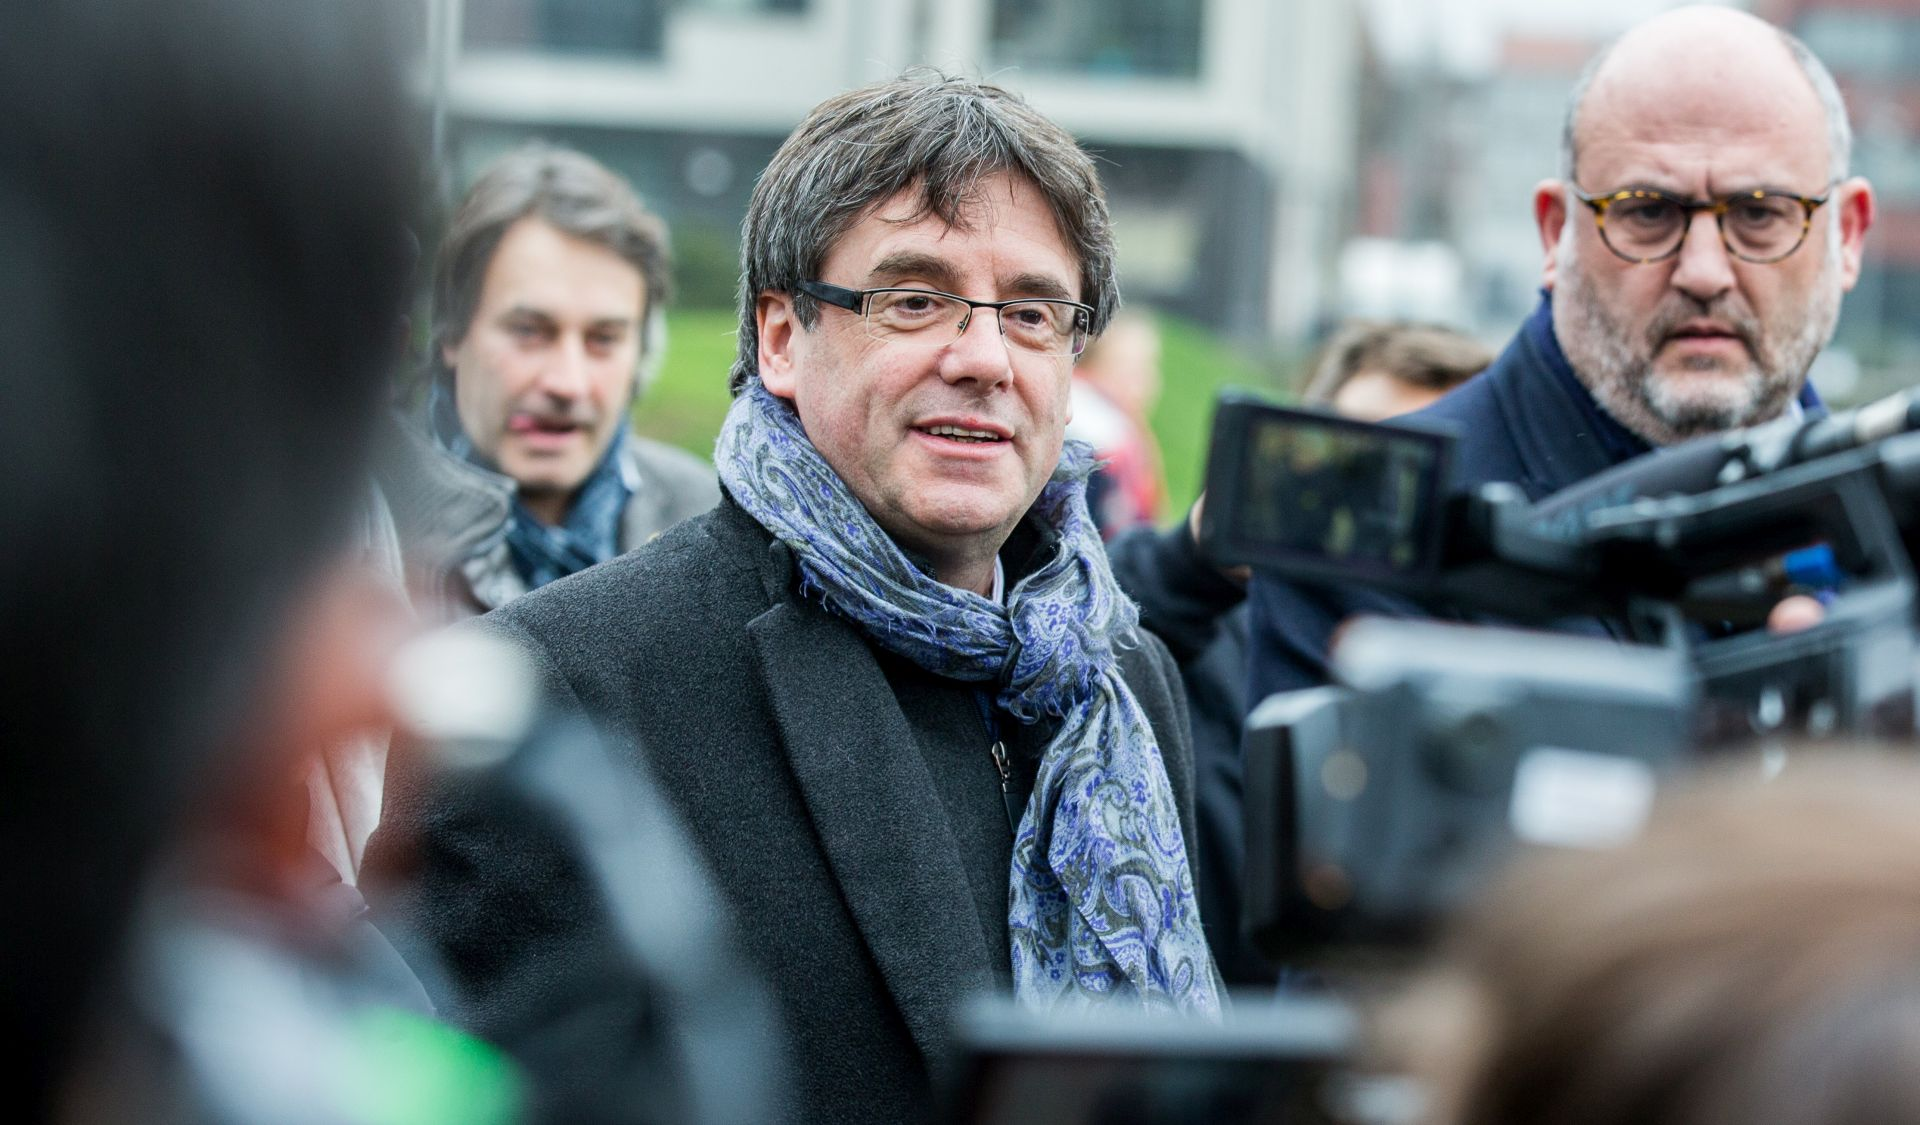 Španjolska traži uhićenje Puigdemonta ako otputuje u Dansku